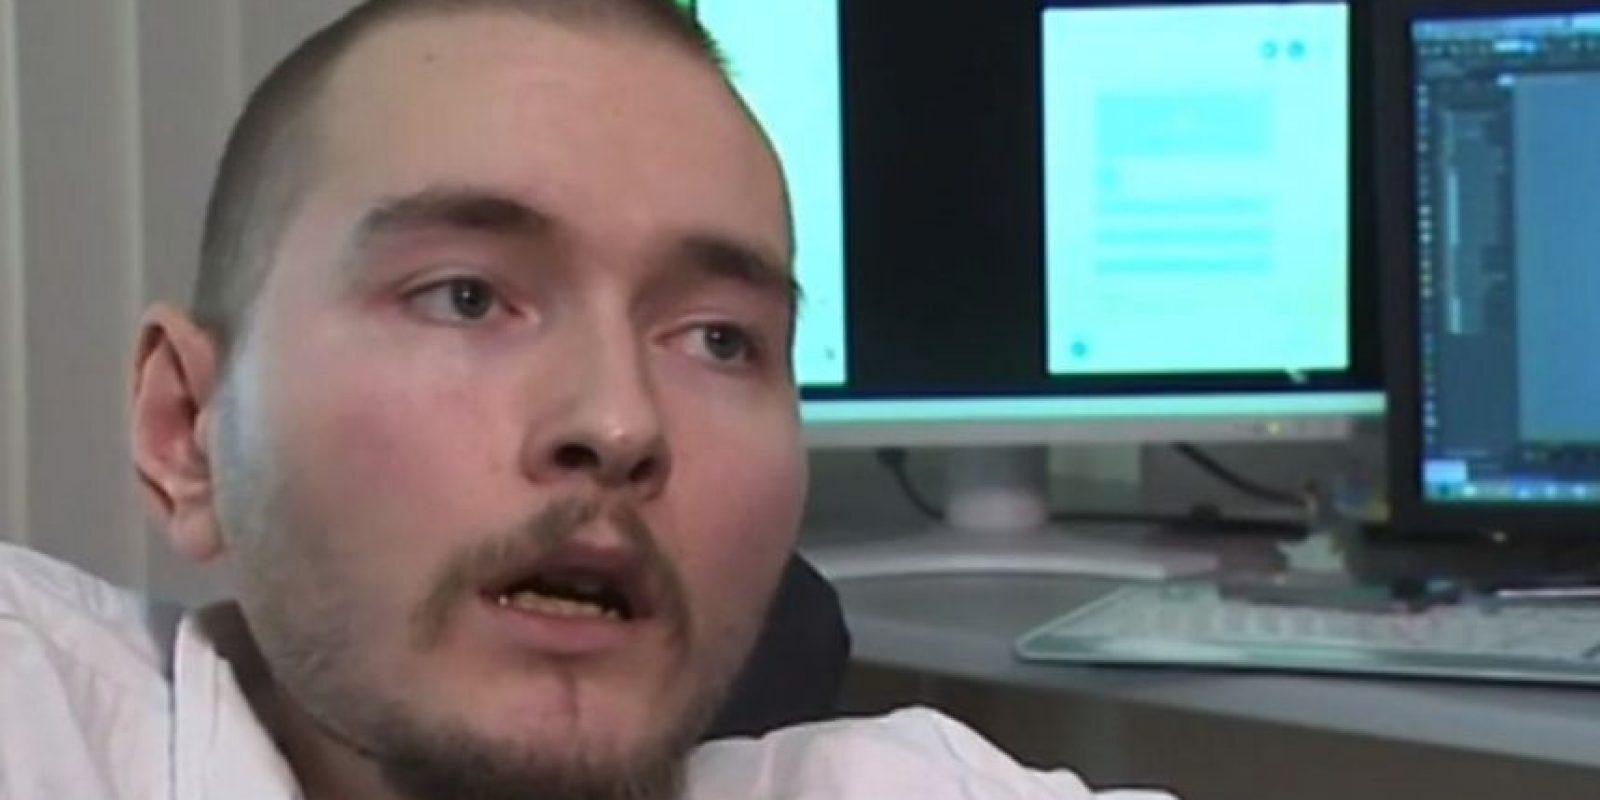 Menciona que su familia no estña de acuerdo, pero lo apoya Foto:YouTube